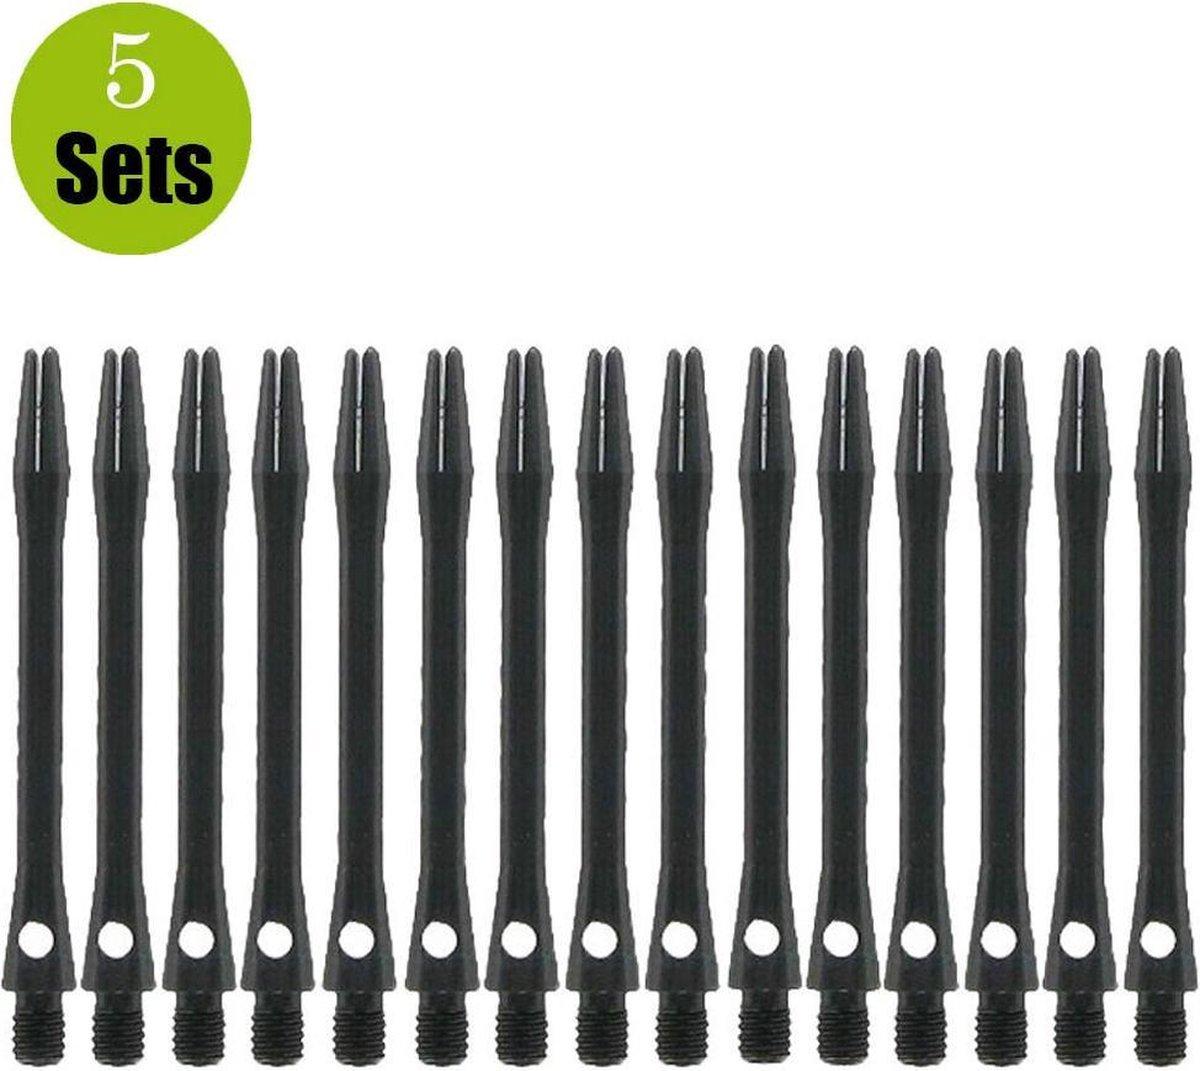 Aluminium Dart Shafts - Zwart - In Between - (5 Sets)